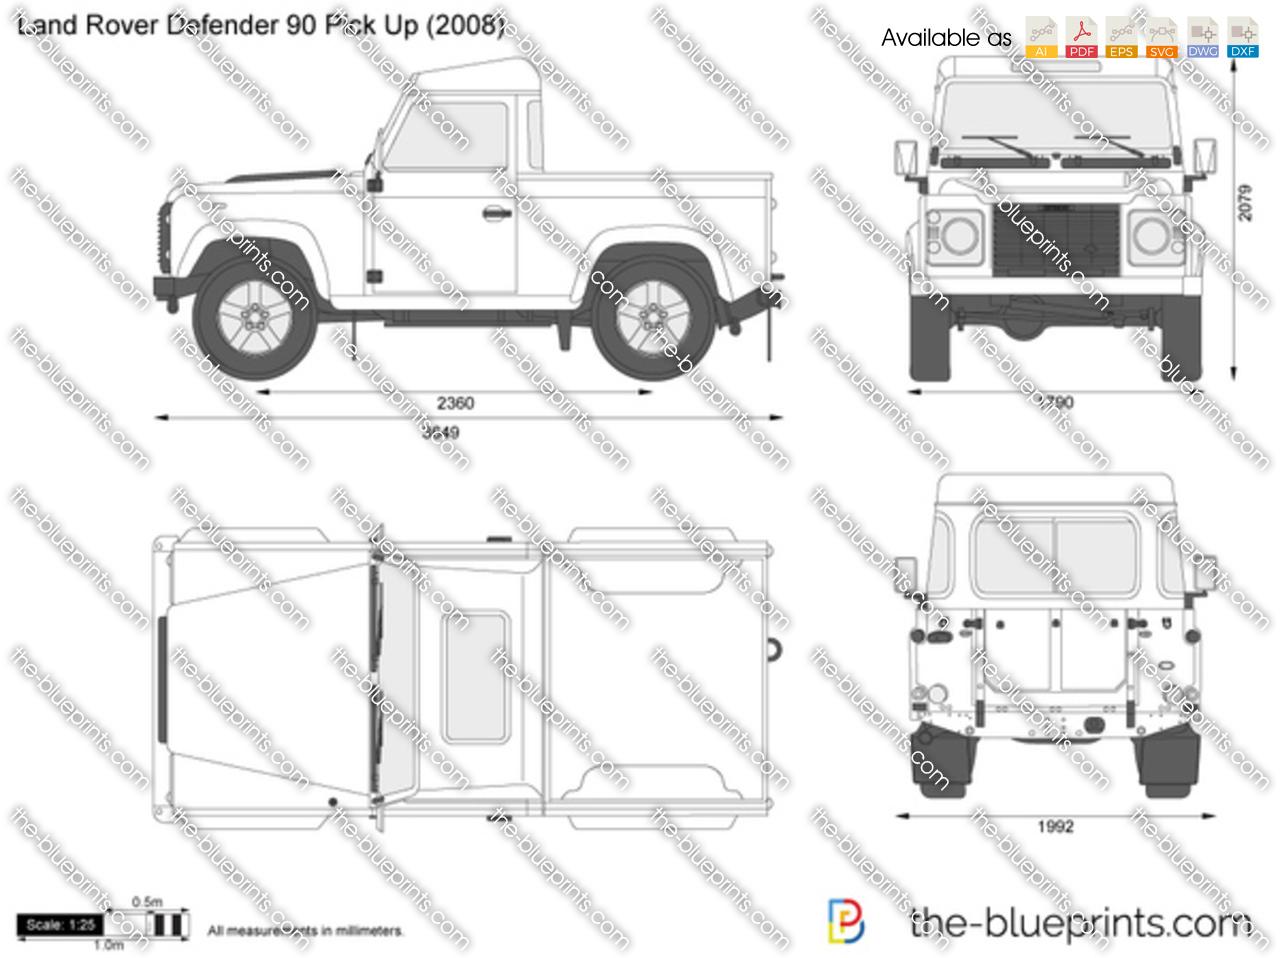 Land Rover Defender 90 Pick Up 2017